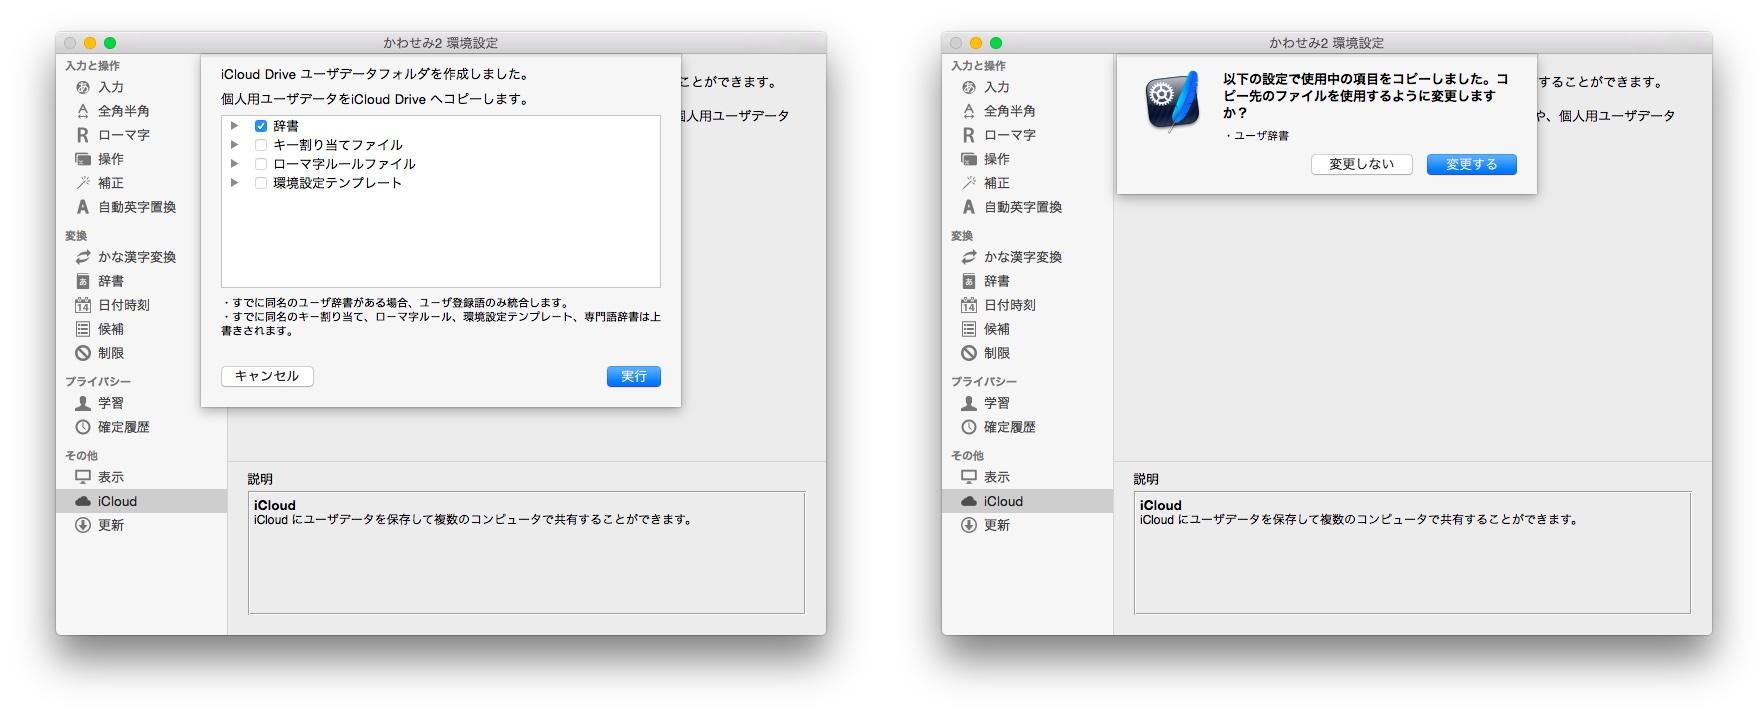 iCloud同期に対応した日本語入力プログラム「かわせみ2」